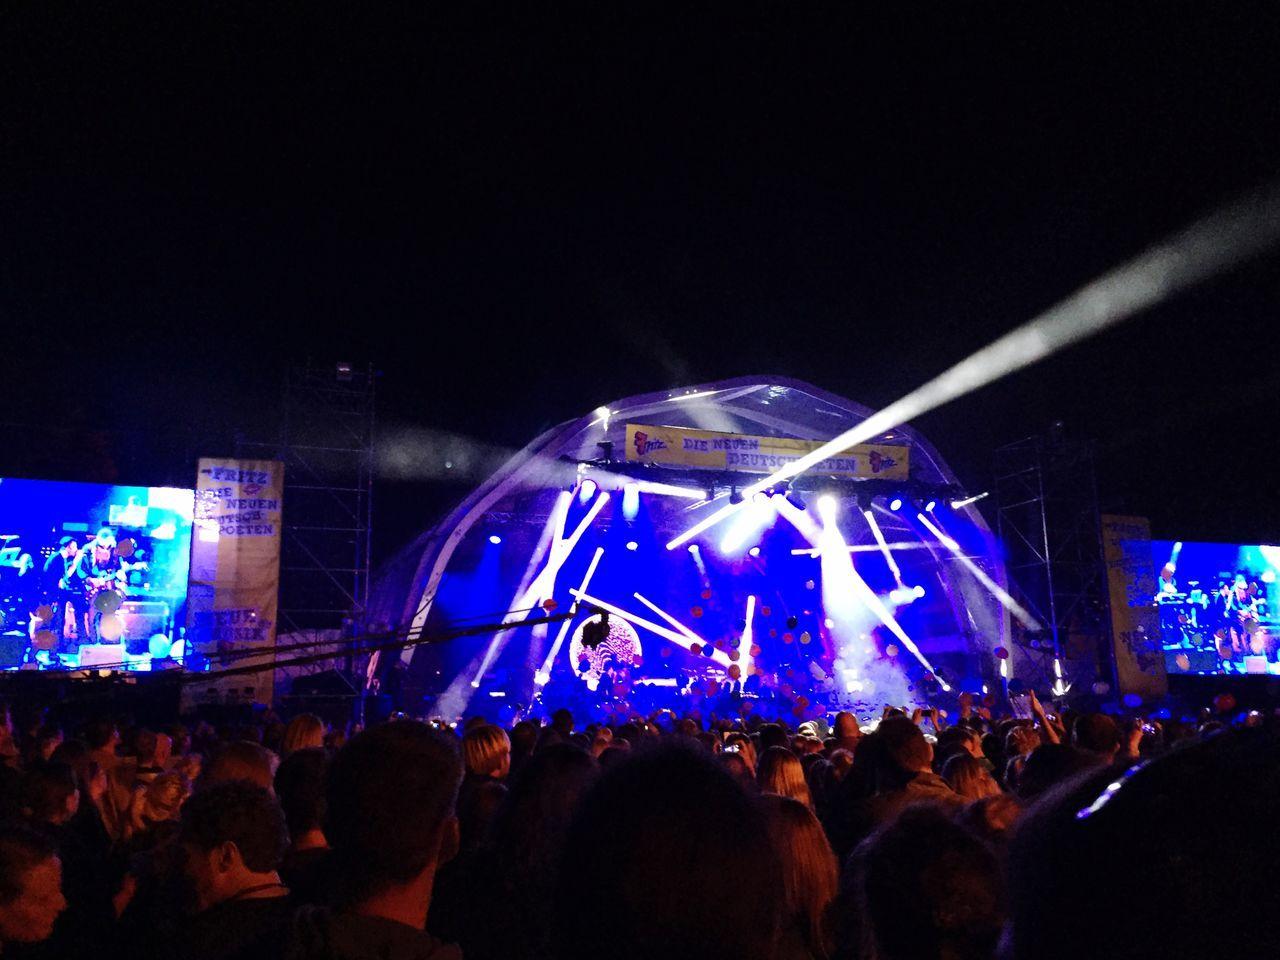 Concert Concert Photography Open Air Blue Lights  Clueso AnnenMayKantereit